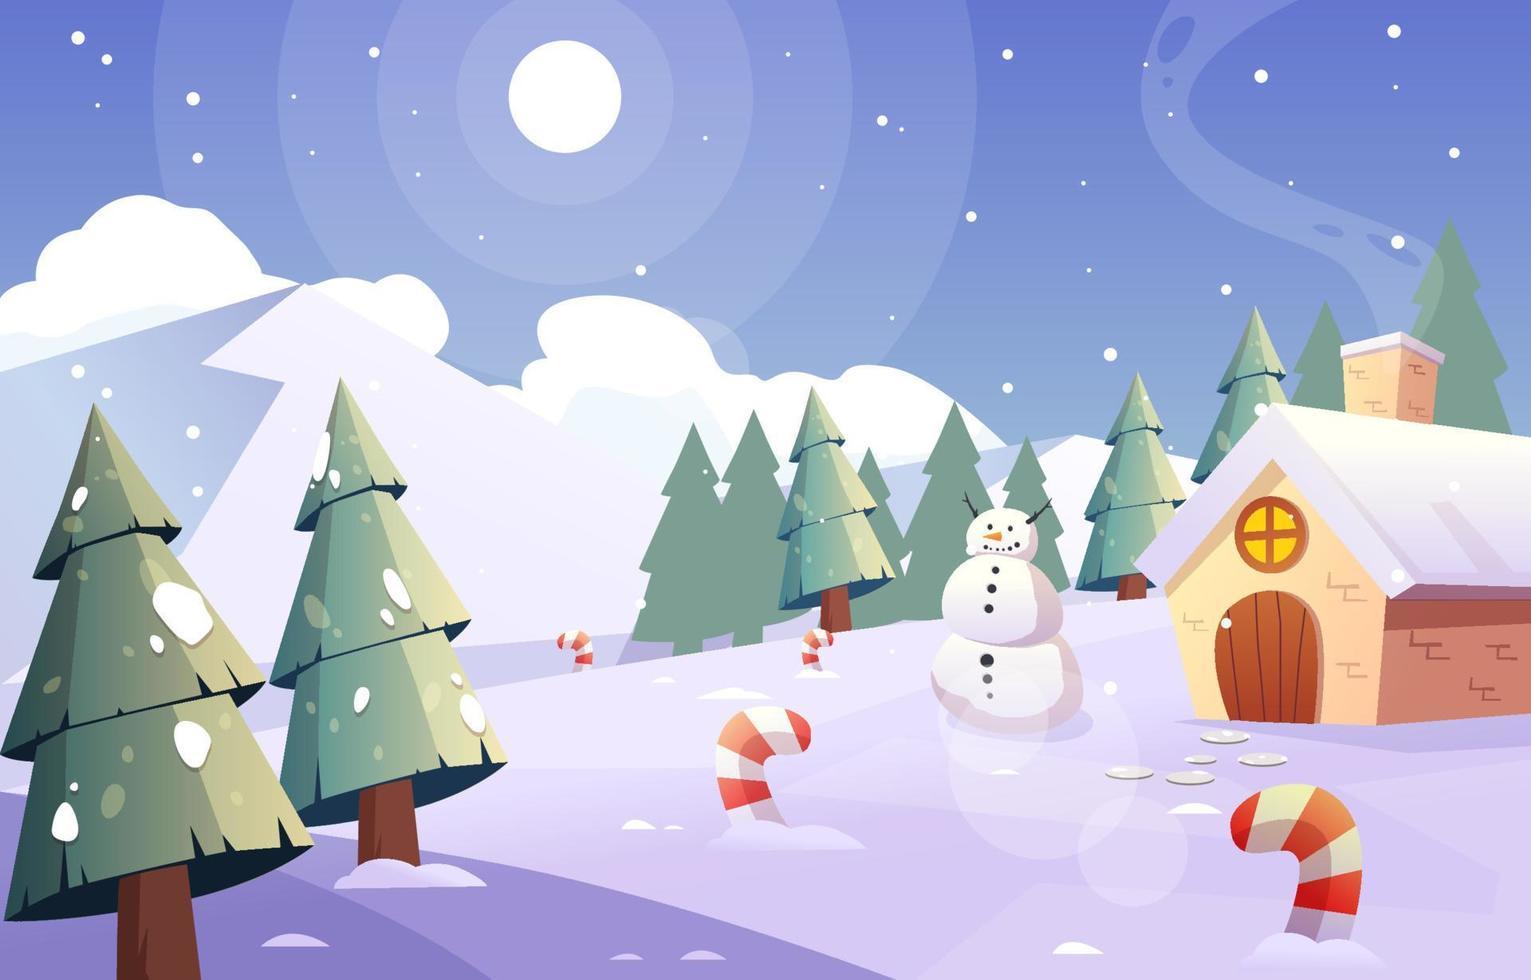 Winterwunderland Hintergrund vektor